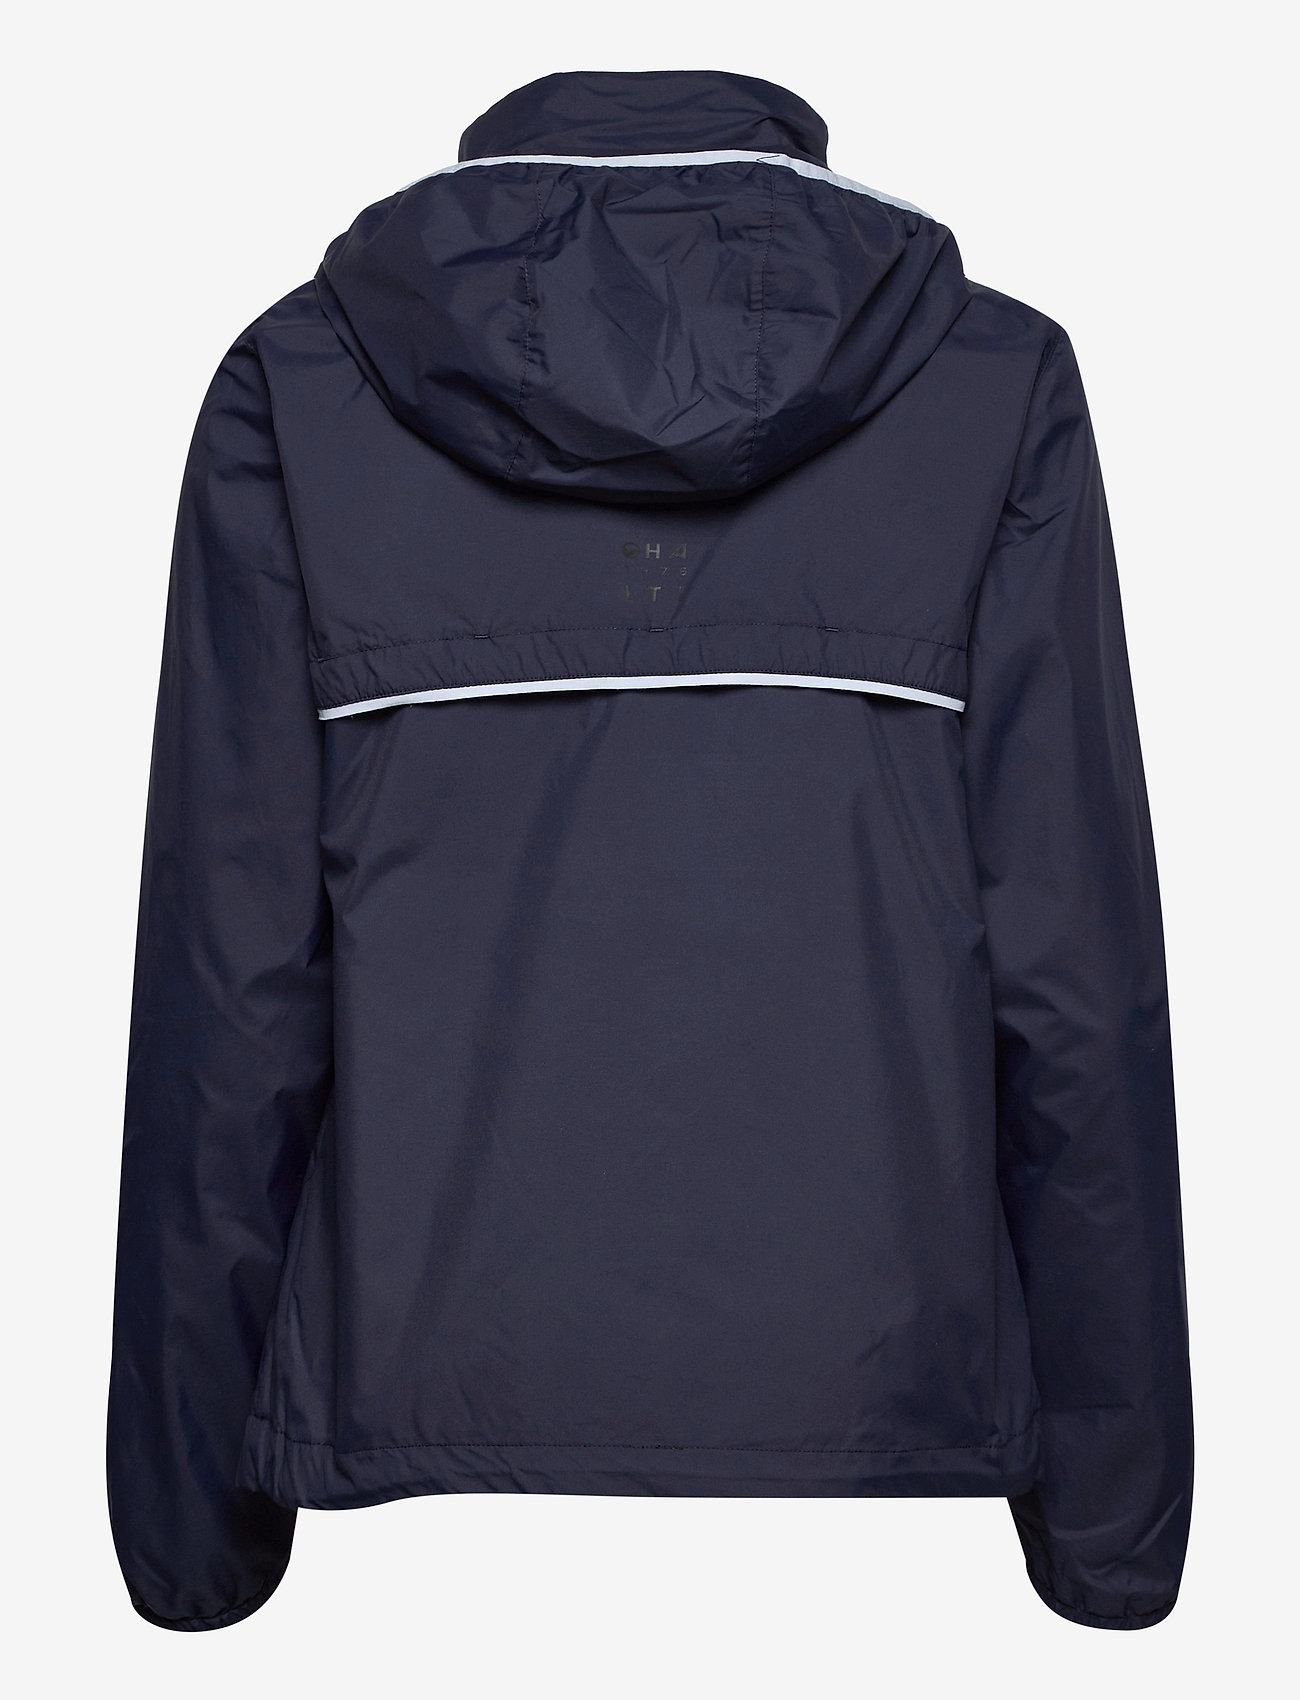 Halti - Reitti W windbraker jacket - koulutustakit - black iris blue - 1